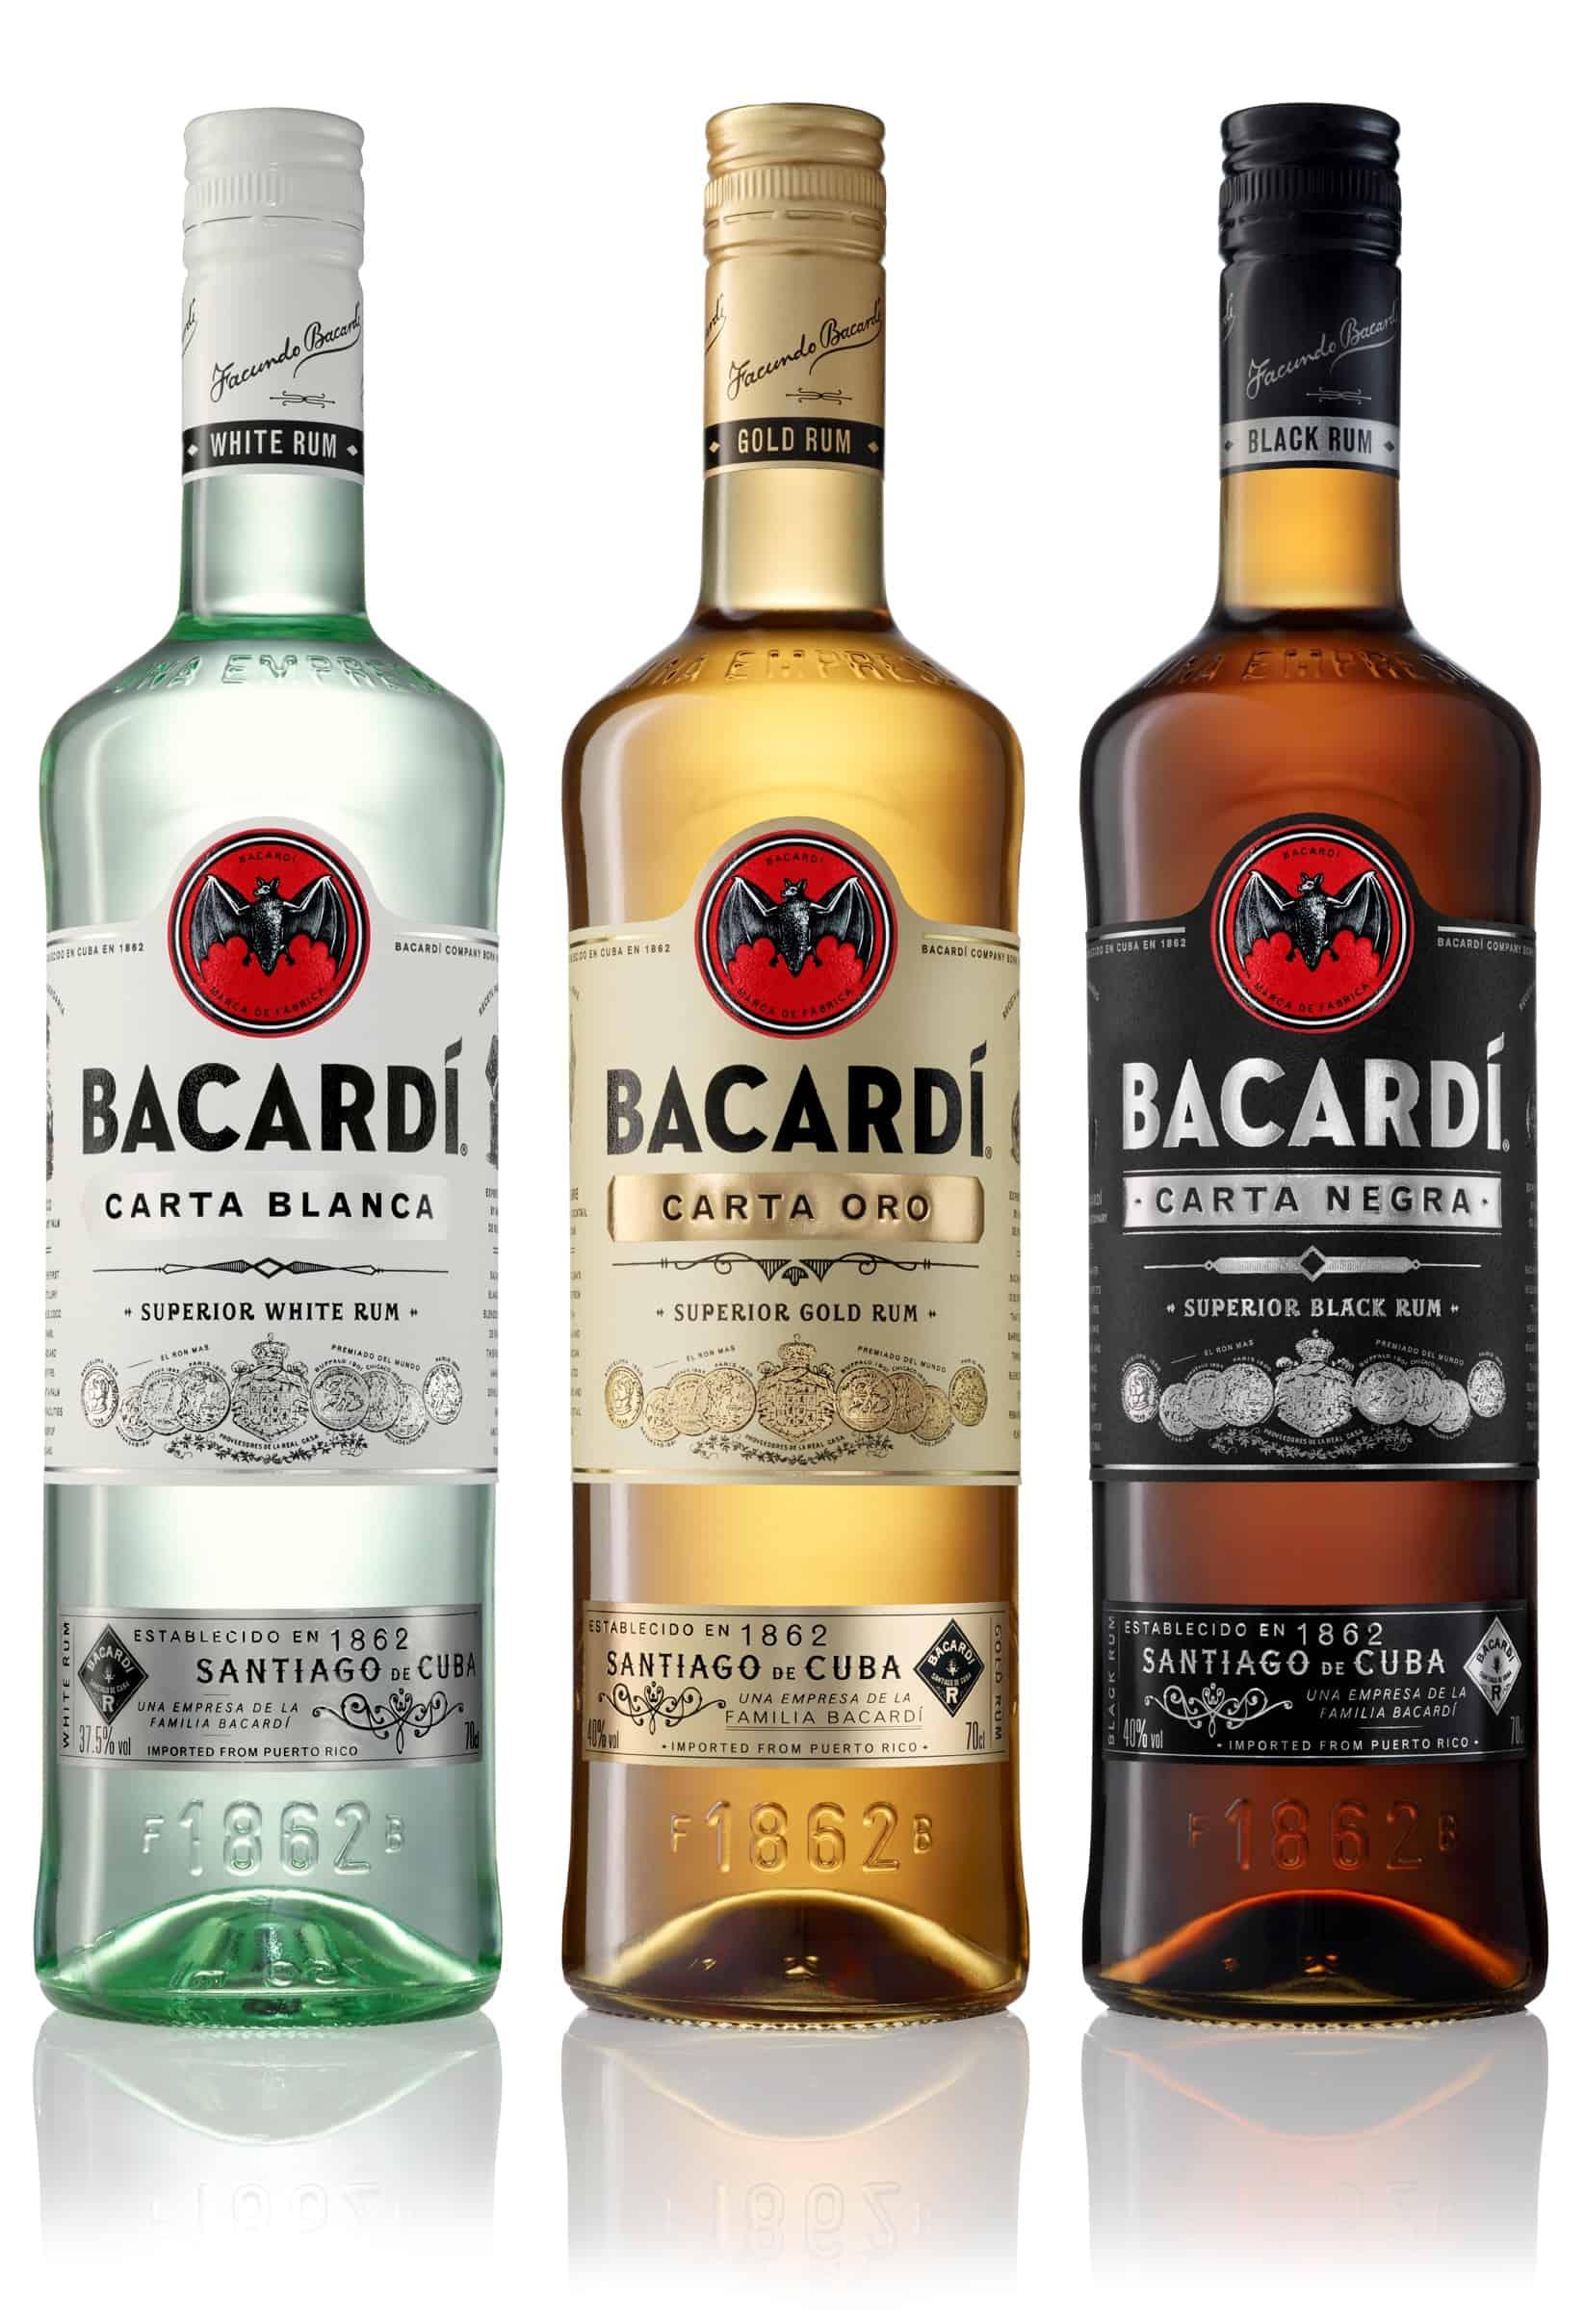 Rum Bacardi Bianco, Spiced, Carta Negra 0,7l, Szczyrba Alkohole